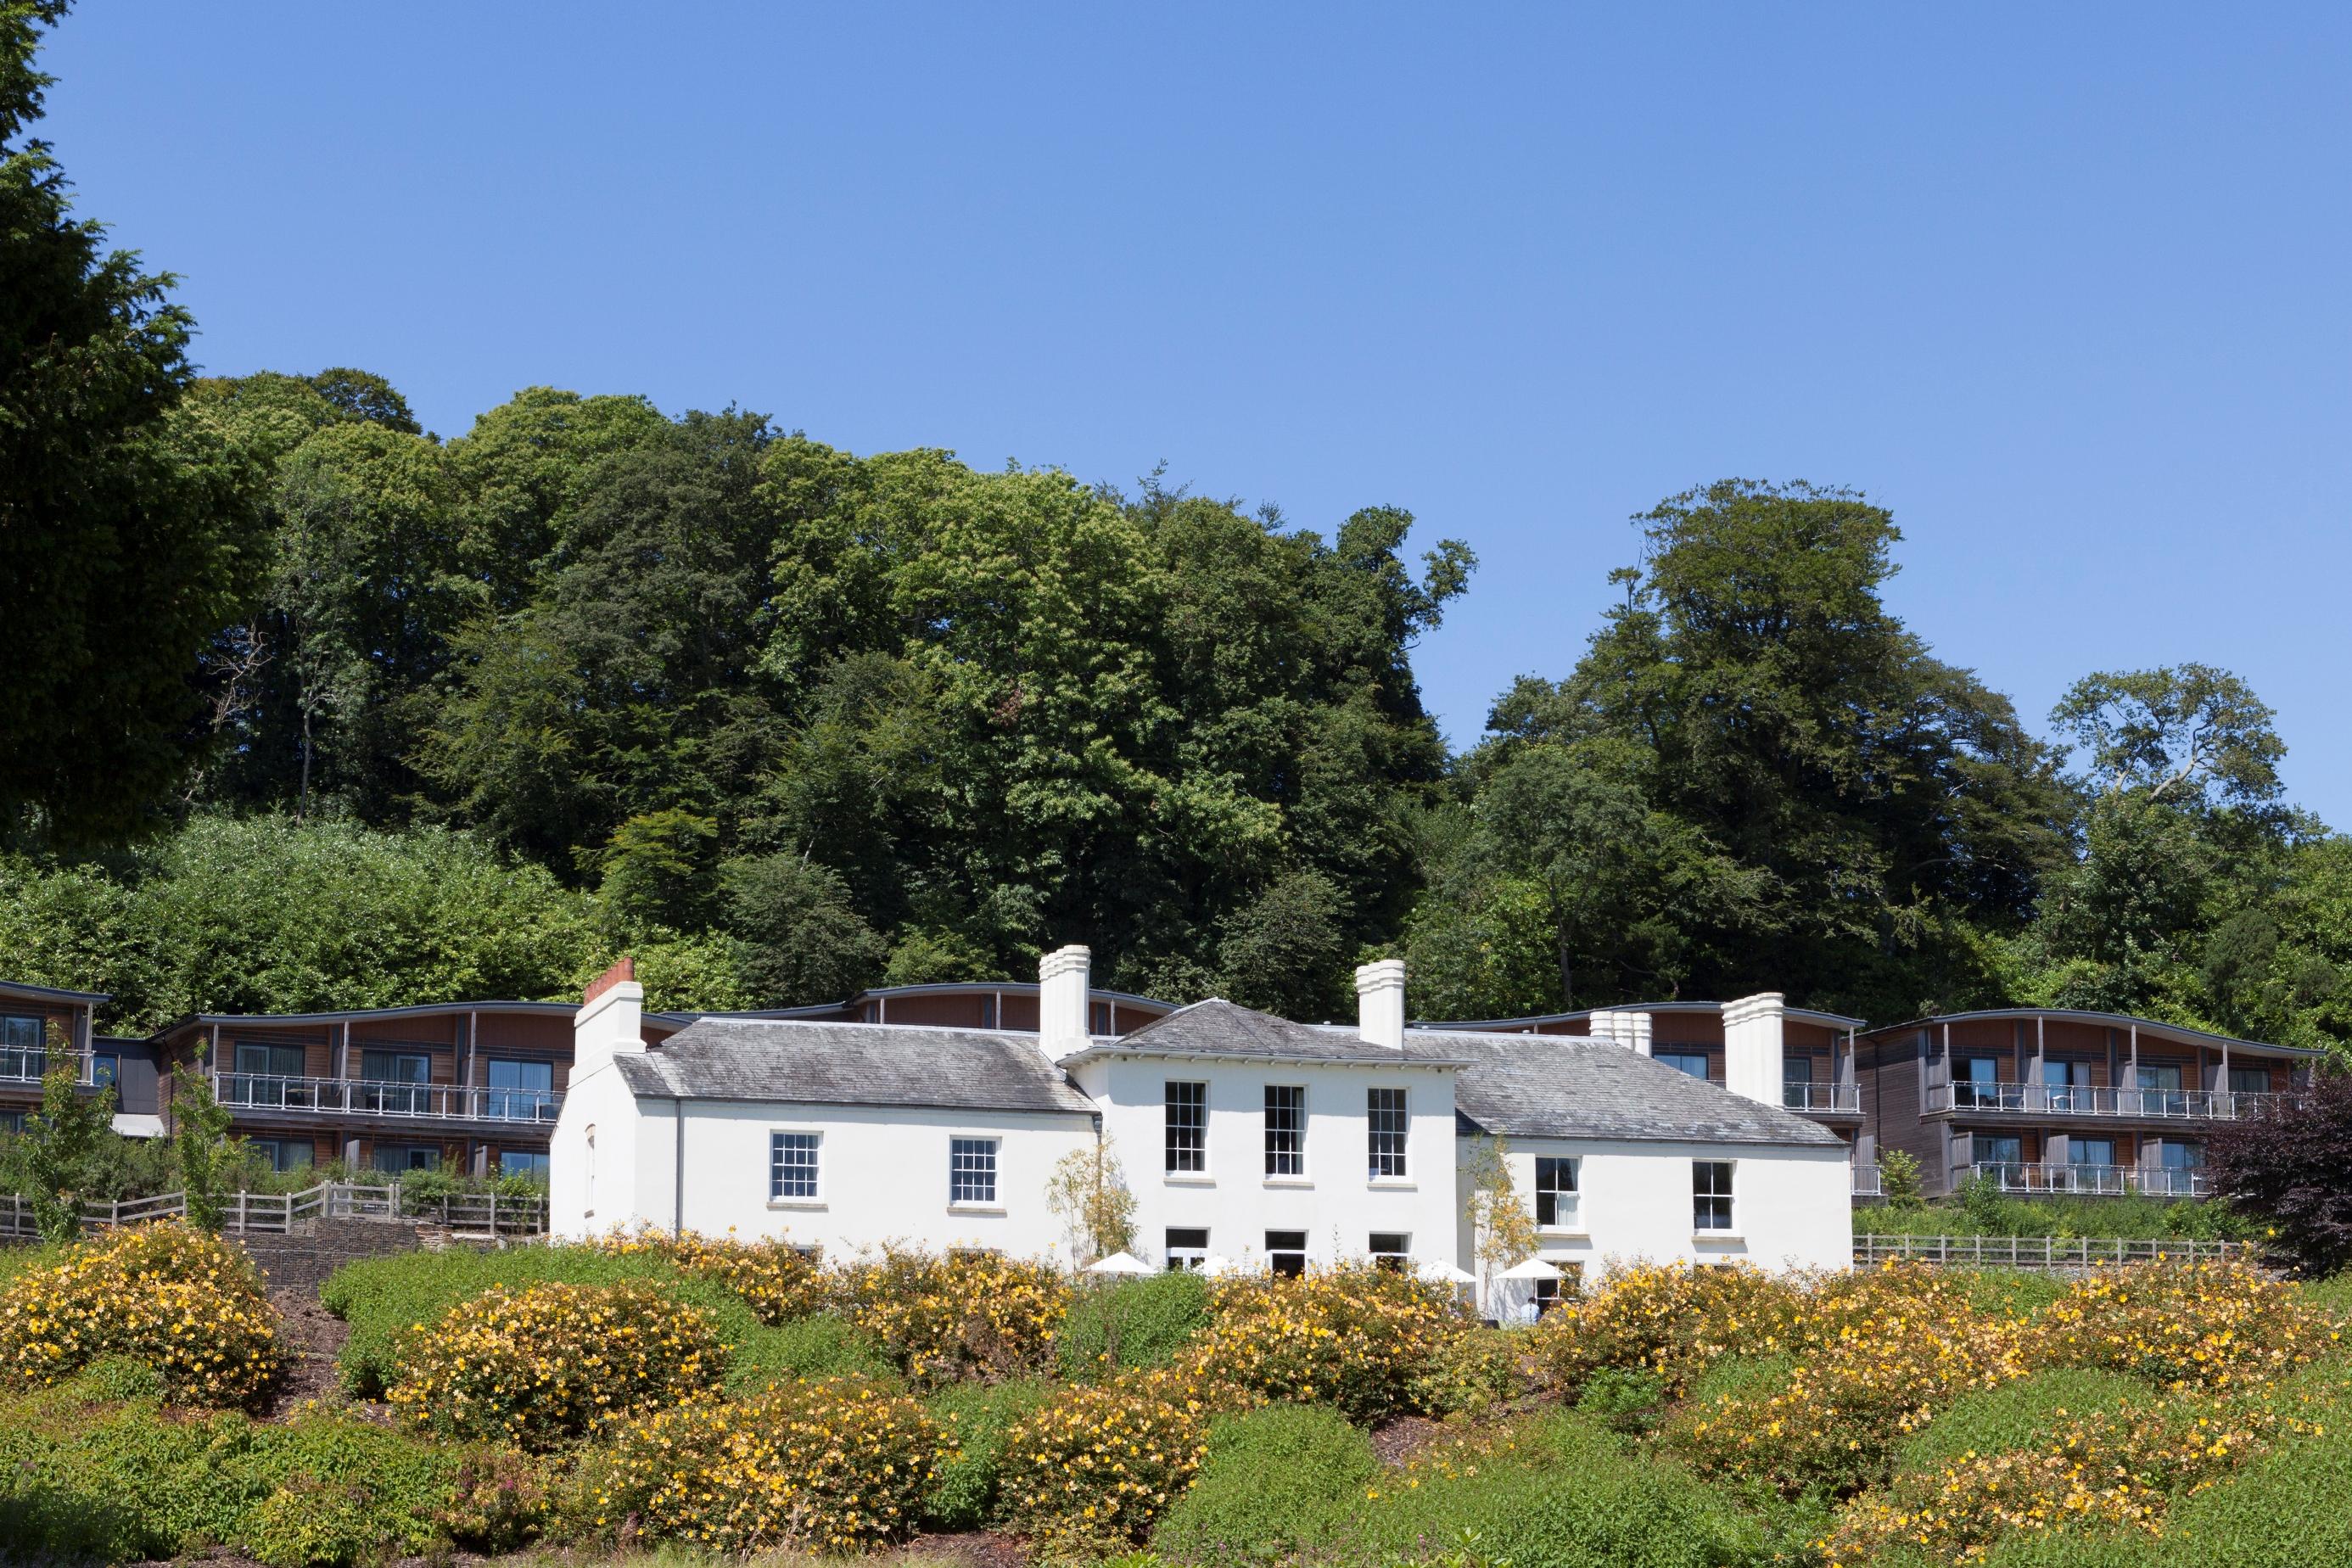 5943-Cornwall-Hotel-and-Spa-exterior-main.jpg